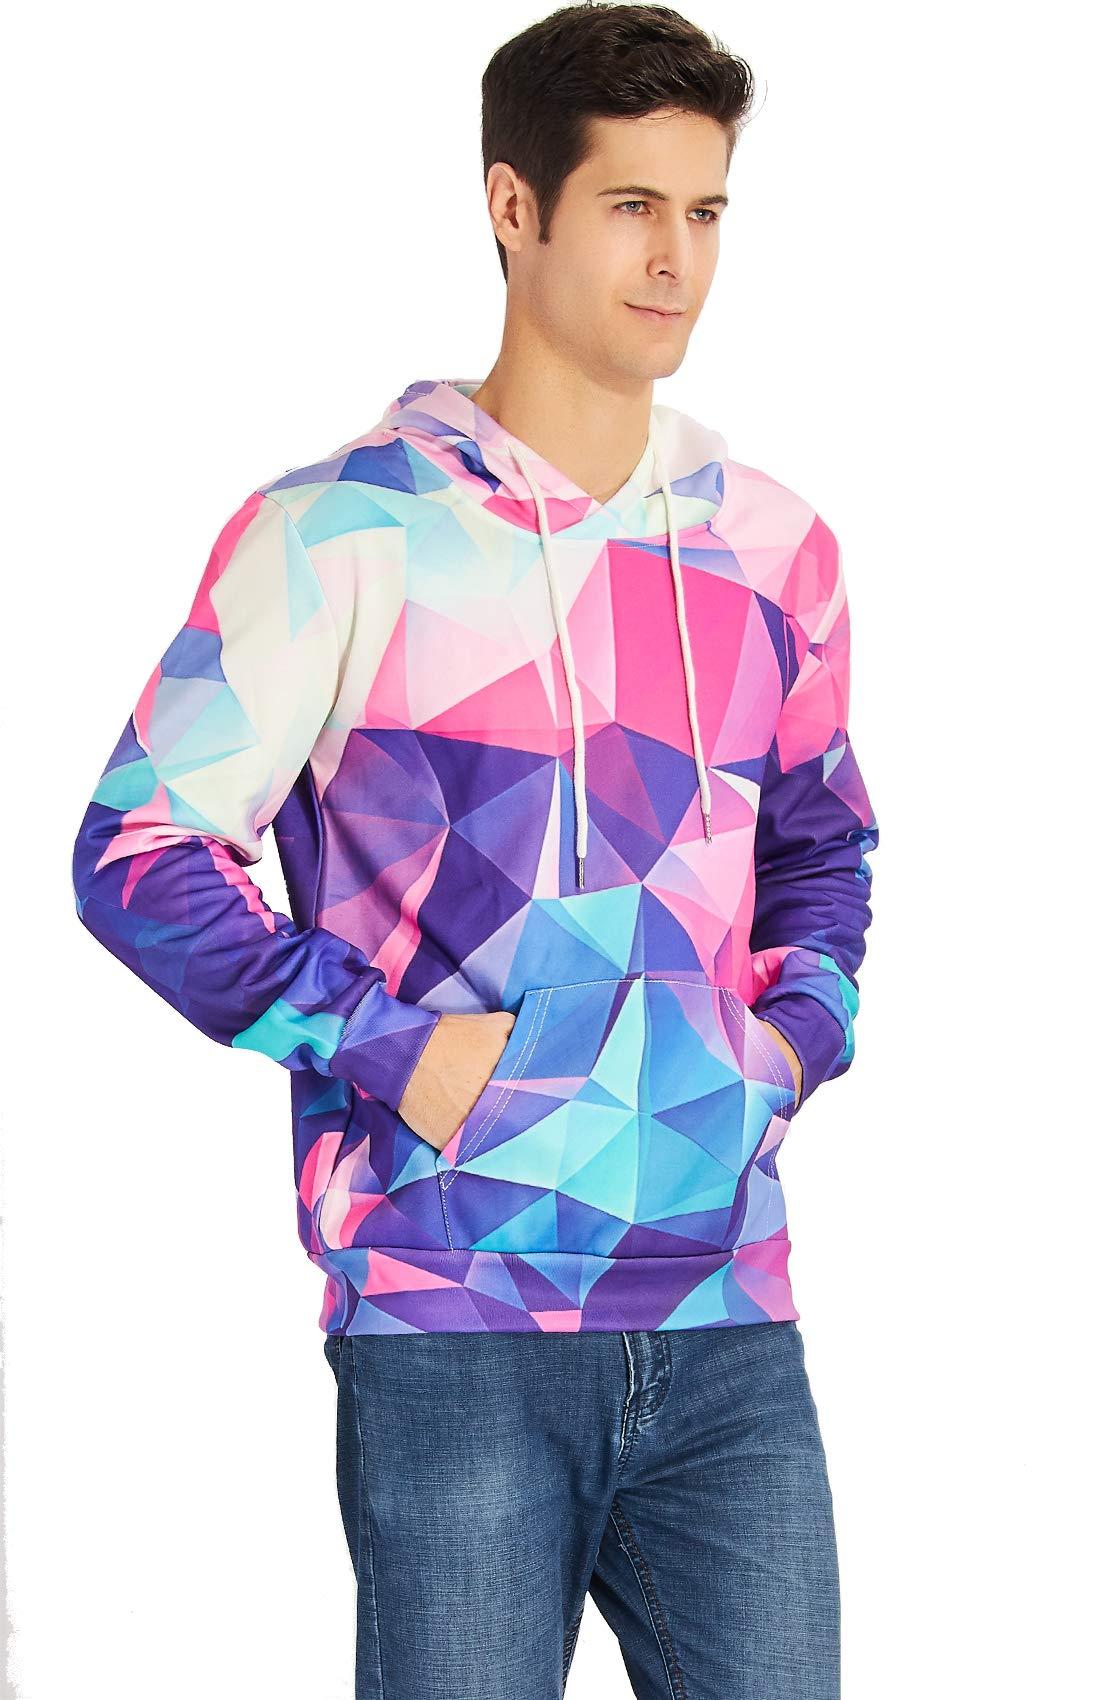 RAISEVERN Unisex Bunte Geometry Druck beiläufige Art und Weise T Shirt Kleidung